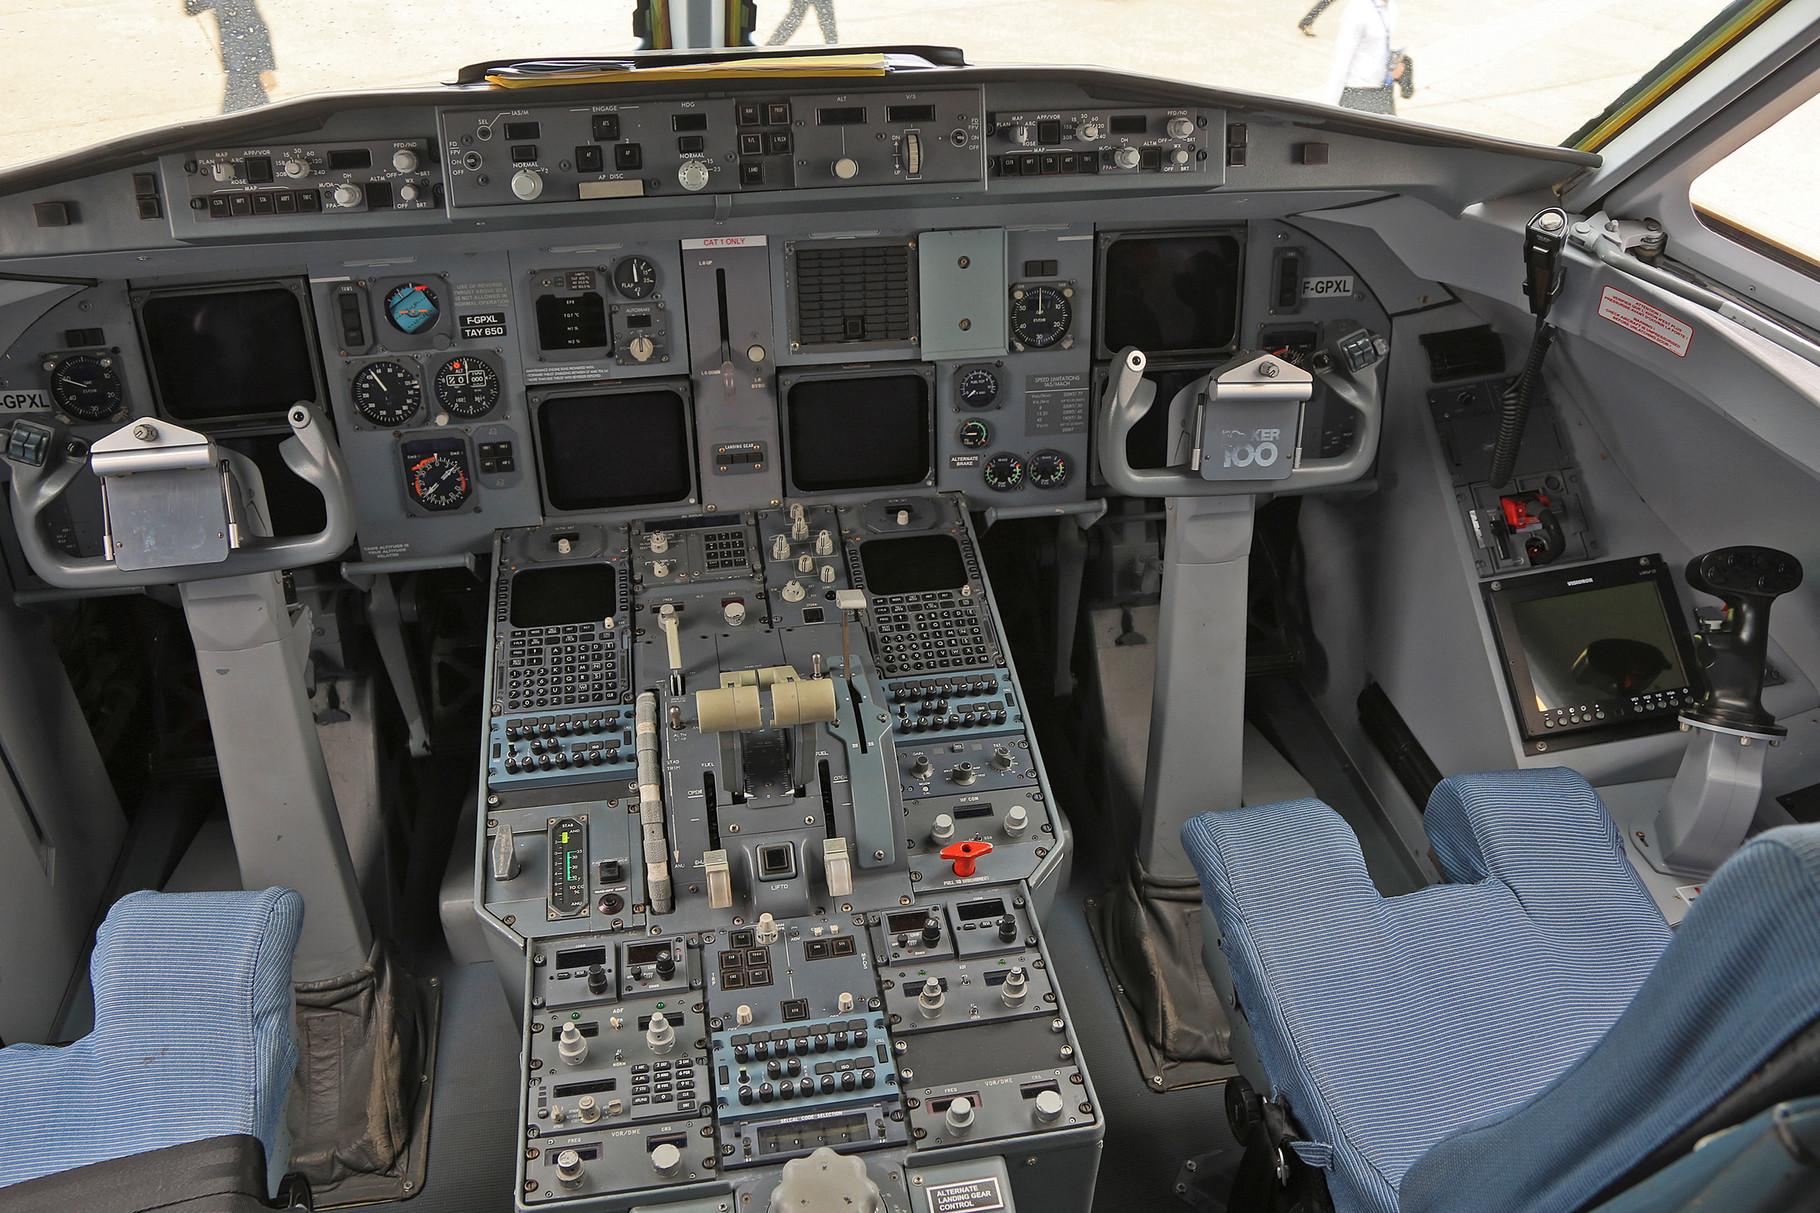 Auf der rechten Seite hat die Maschine noch einen Stick um z.B. Technik für den Rafale zu erproben.